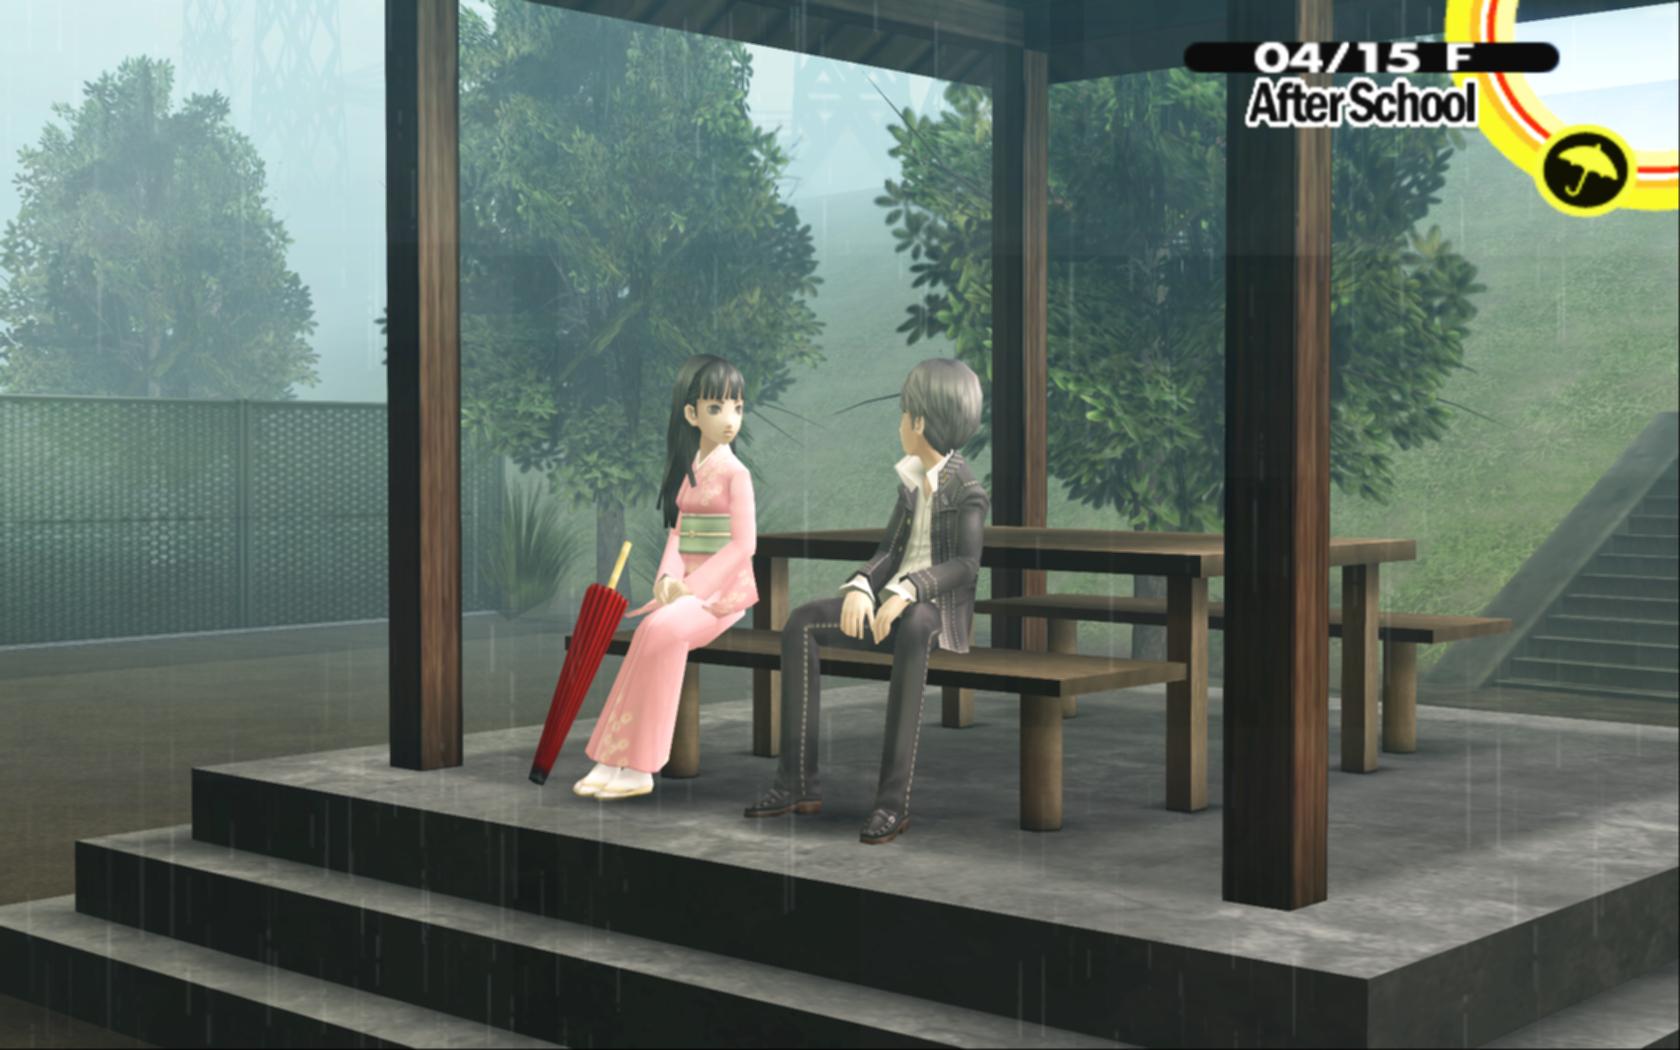 Persona 4 pcsx2 Patch